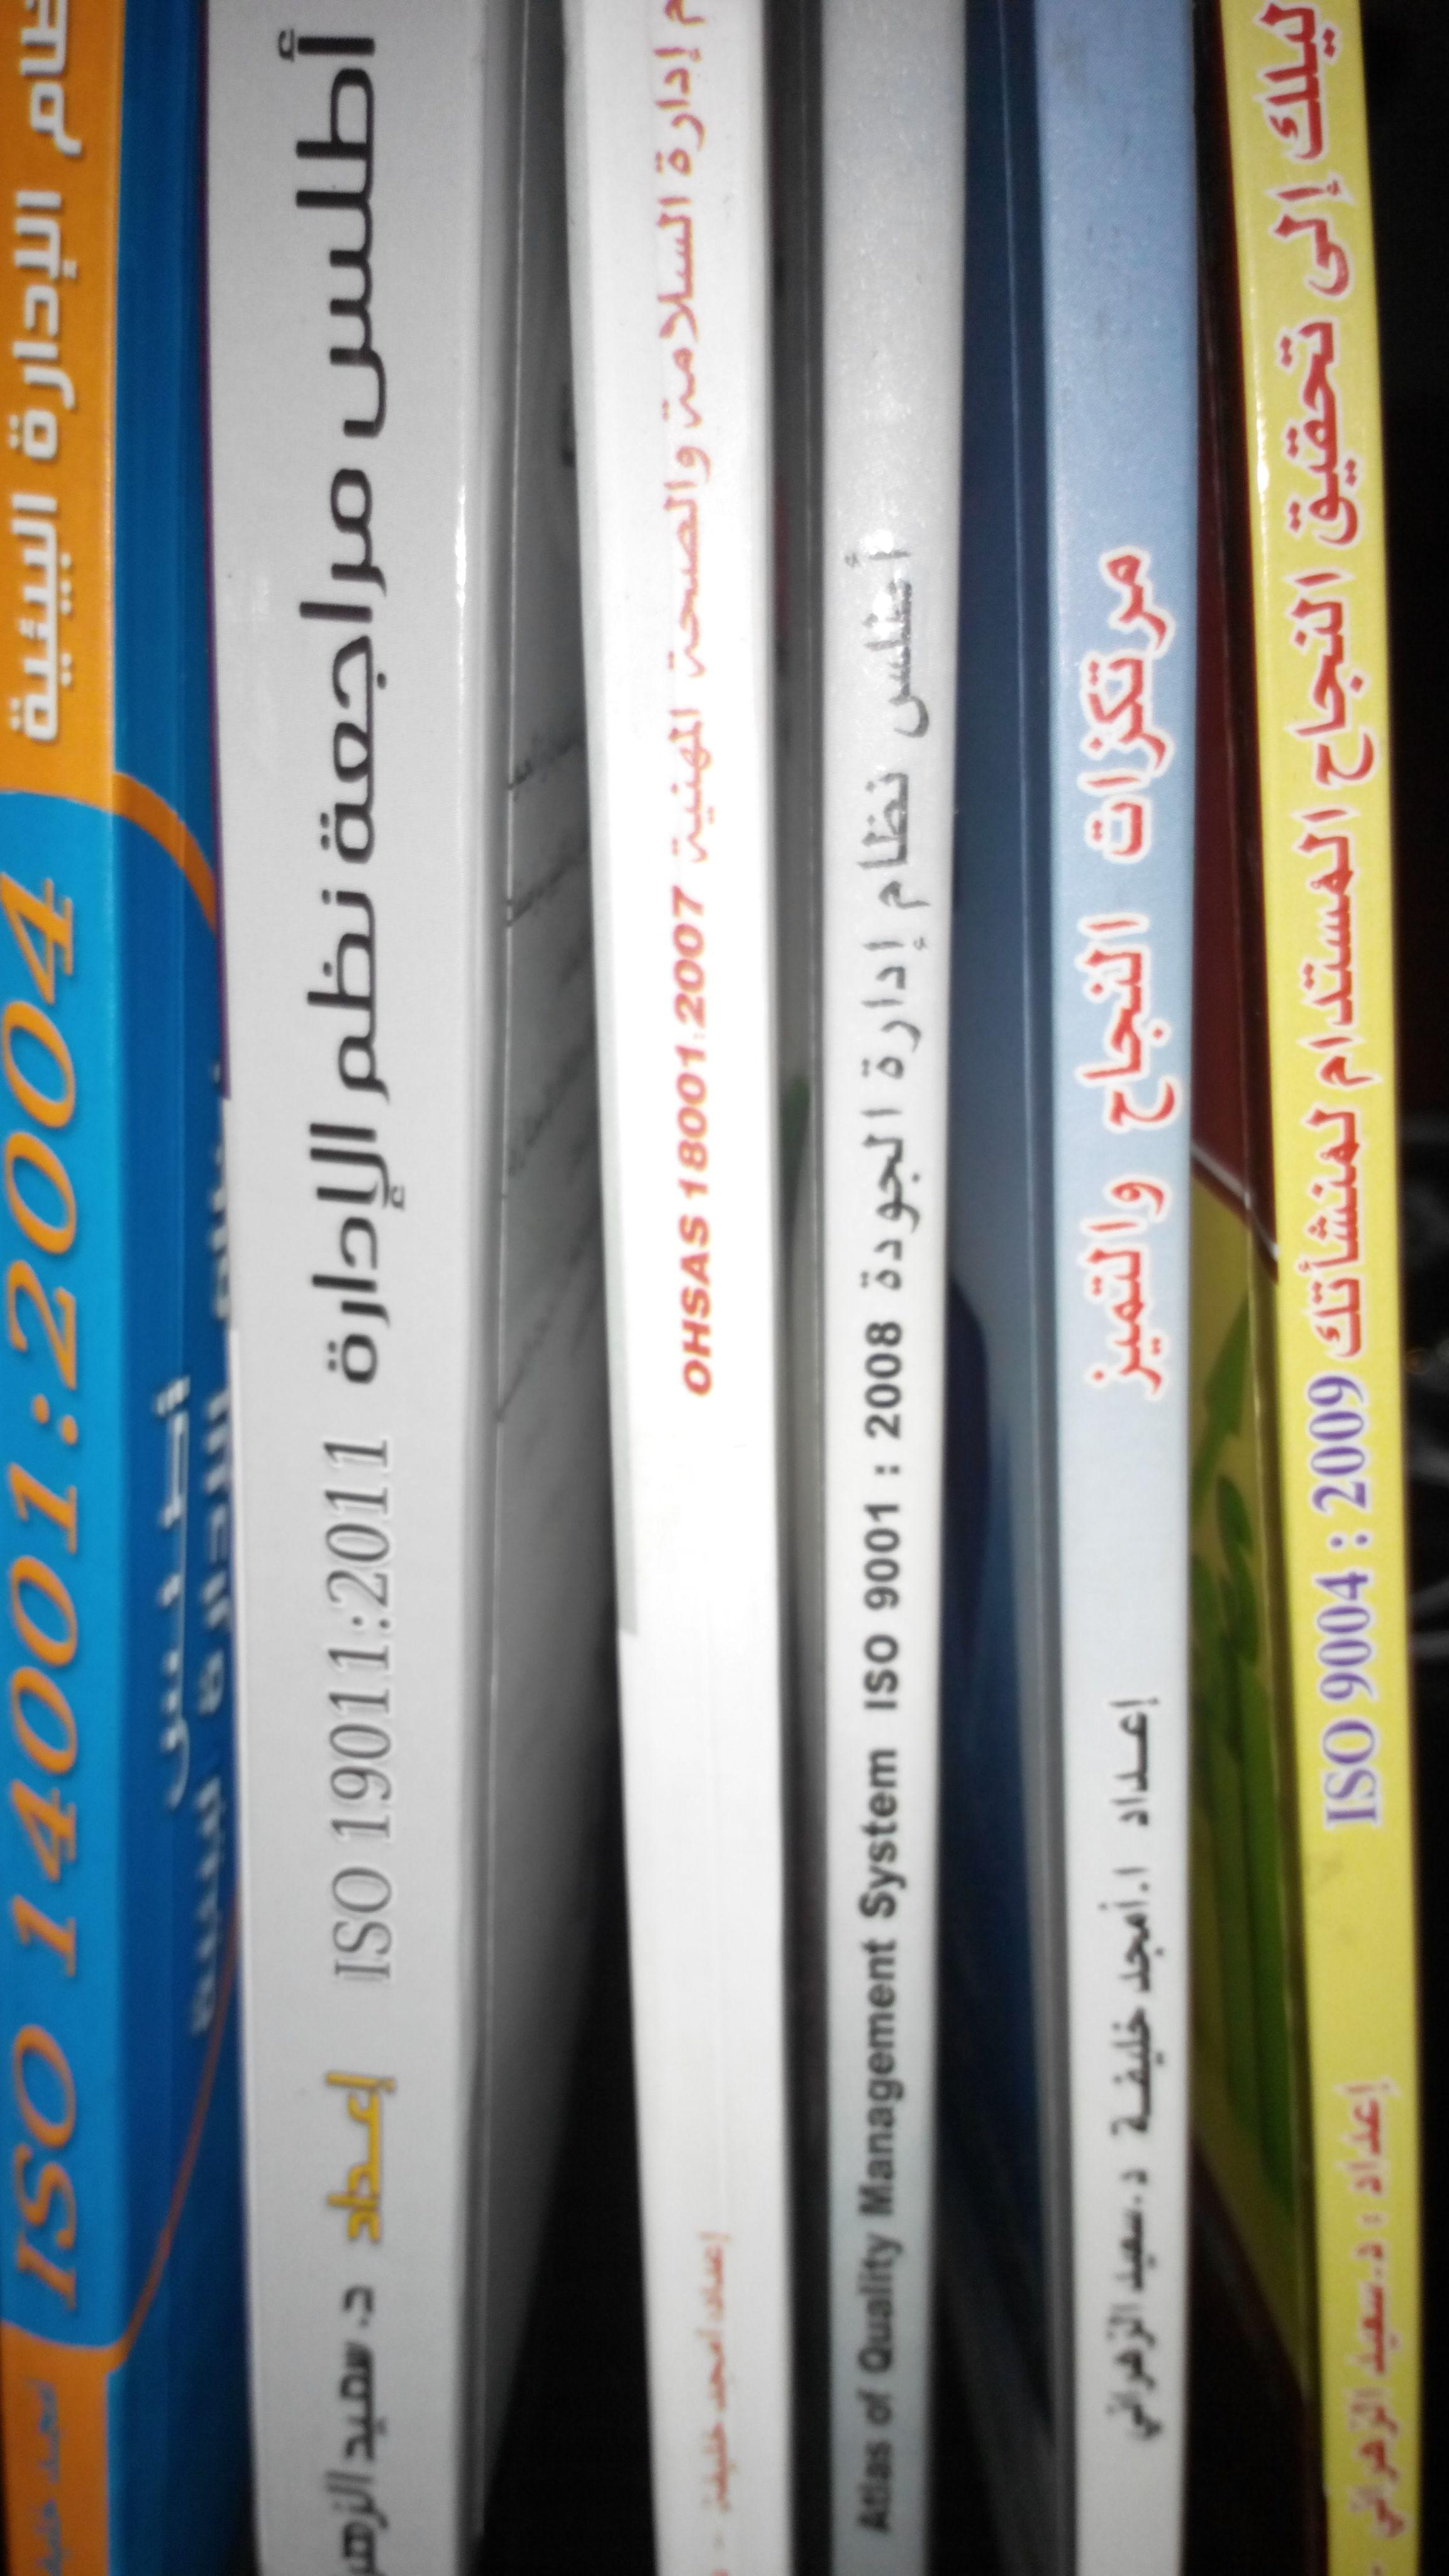 مؤلفات الإستشاري المصري أمجـد خليفة System Management Tableware